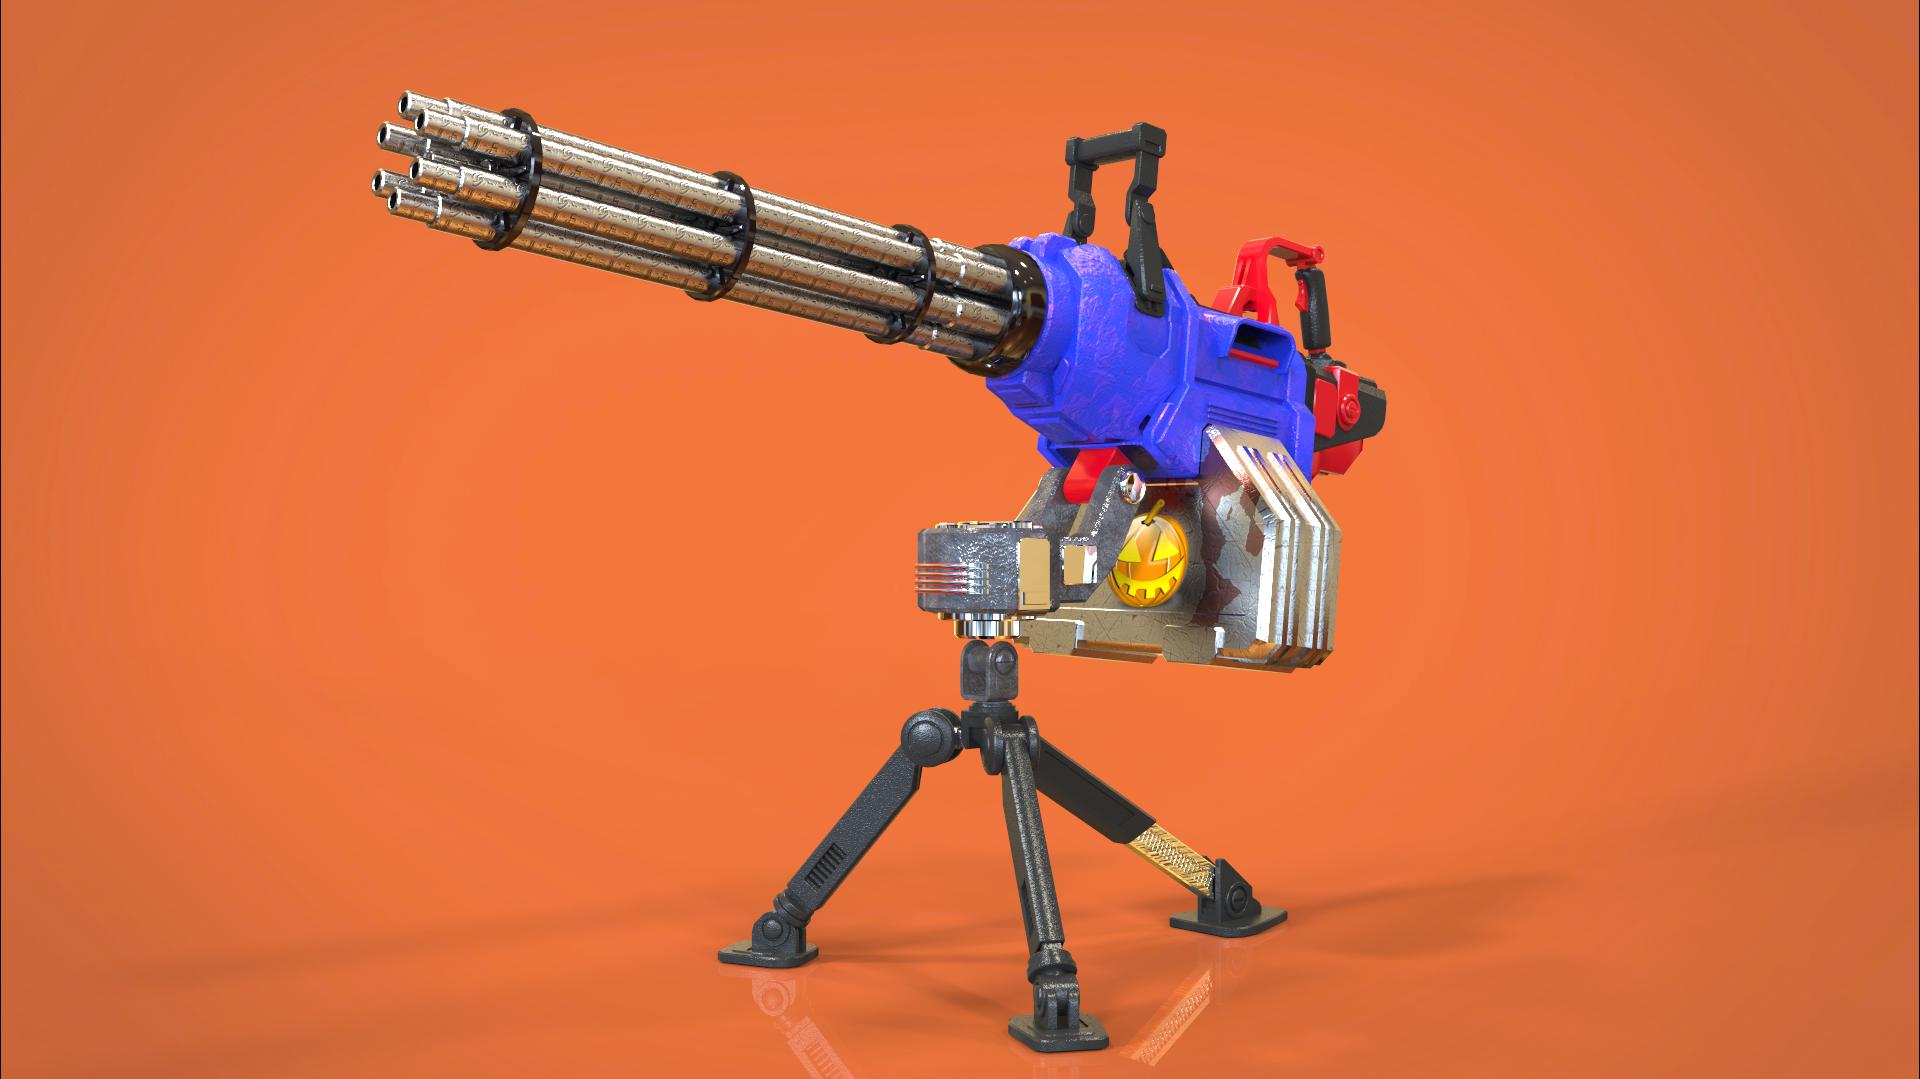 Just mini gun 3d art